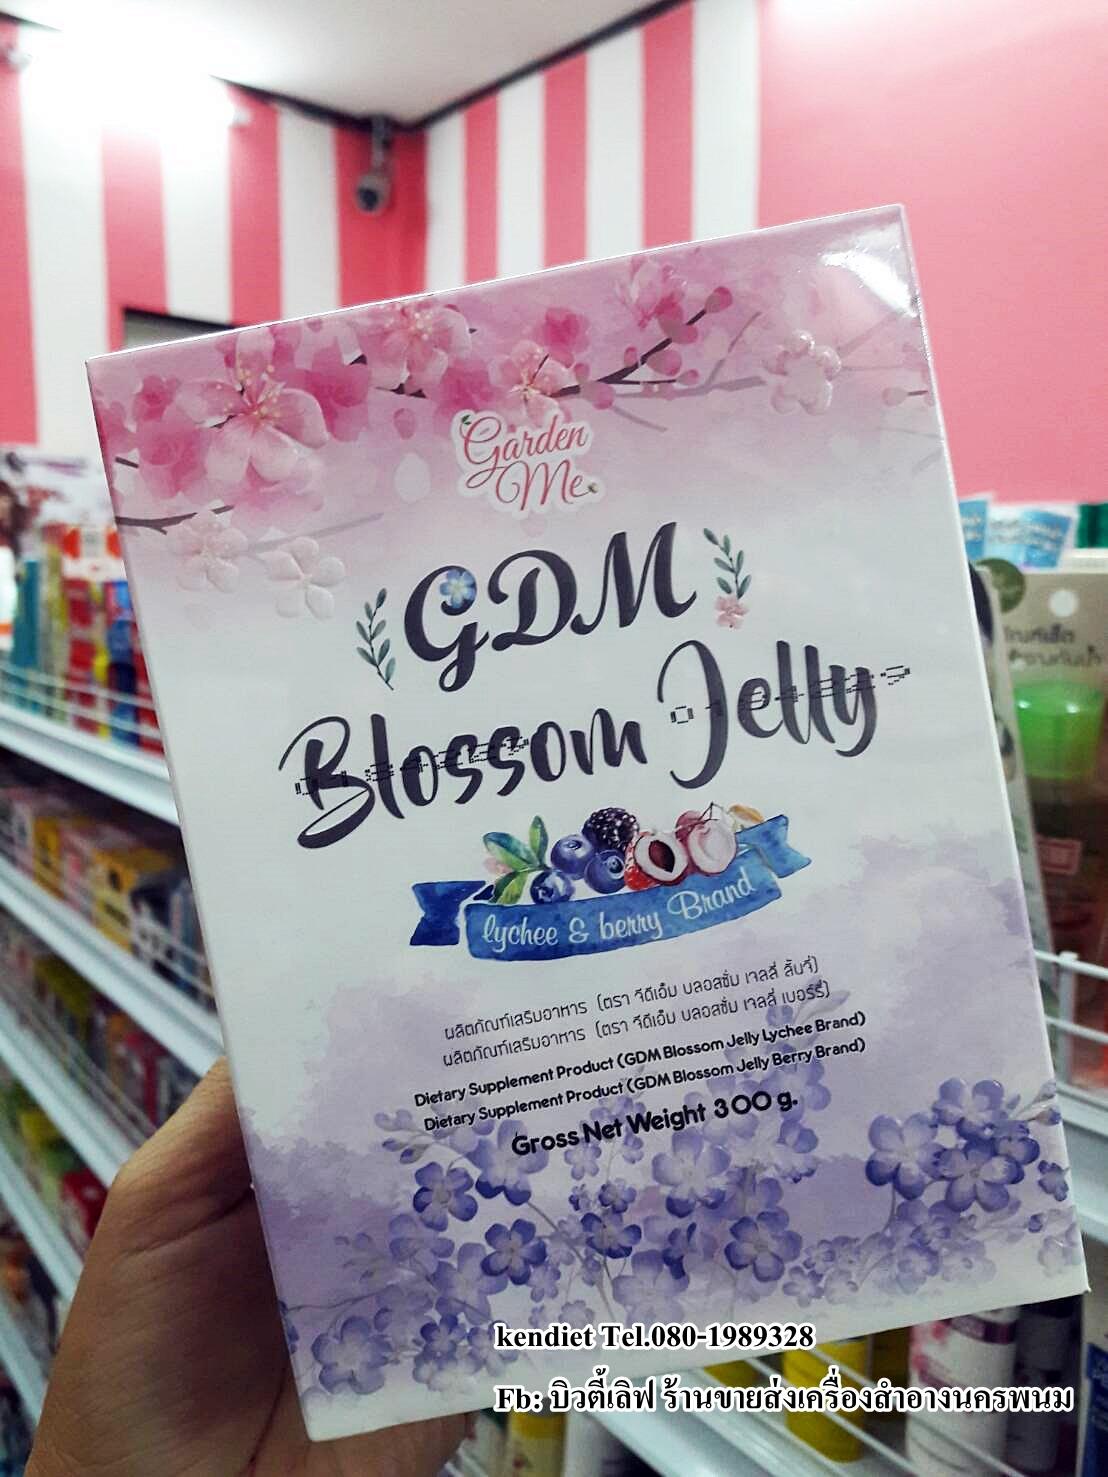 Garden me blossom jelly lychee & beauty brand การ์เด้น มี บอสซั่ม เจลลี่ 1 กล่อง 20 ซอง ราคา 390 บาท